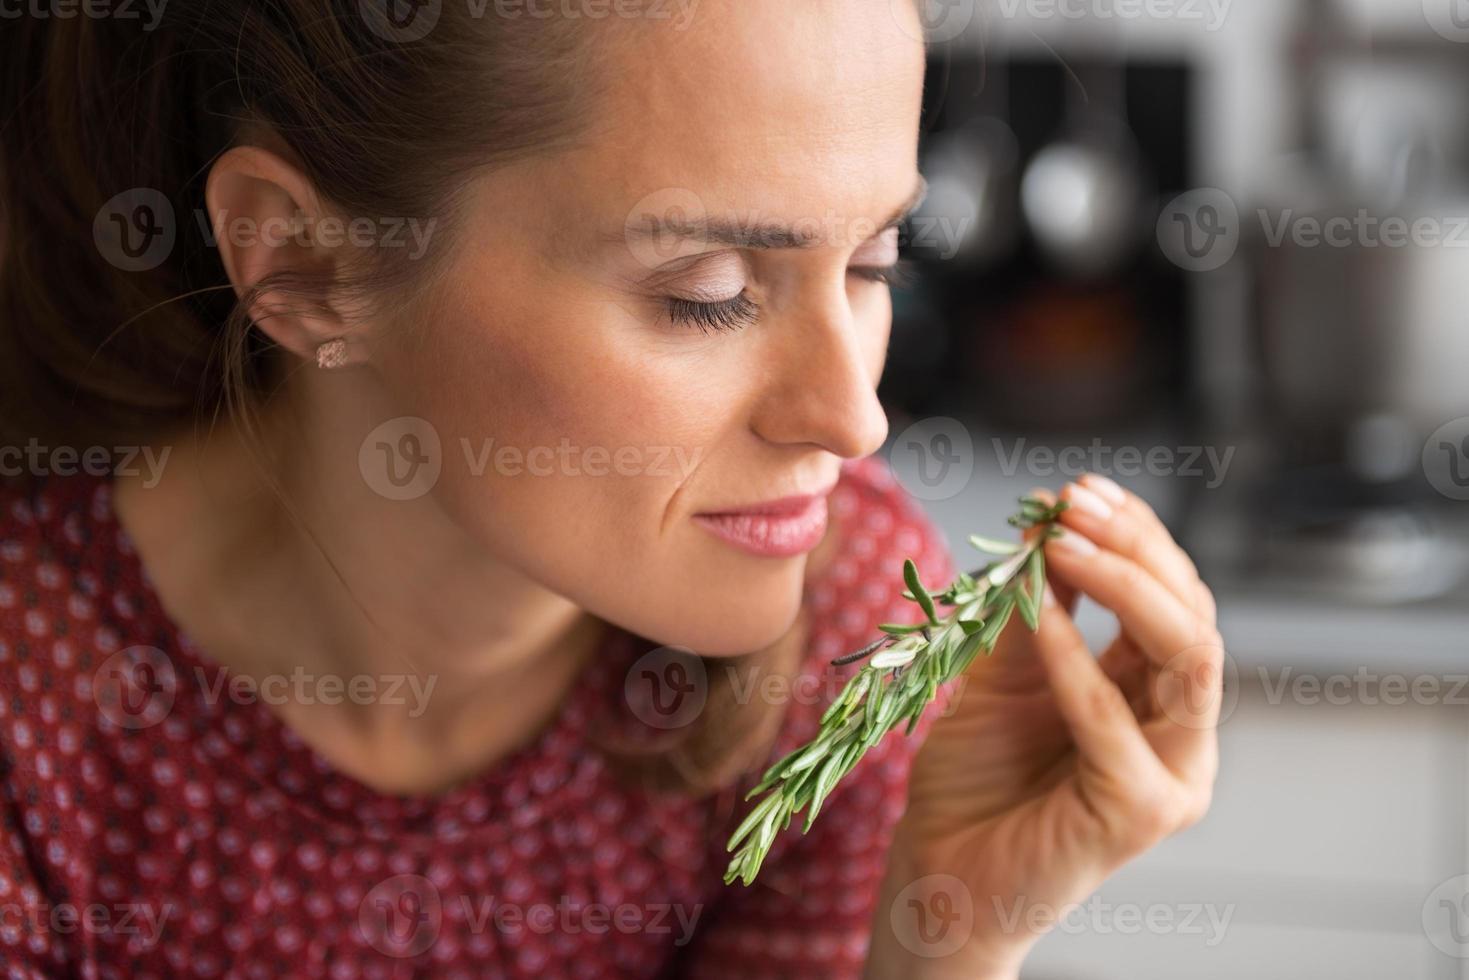 joven ama de casa disfrutando rosmarinus fresco foto